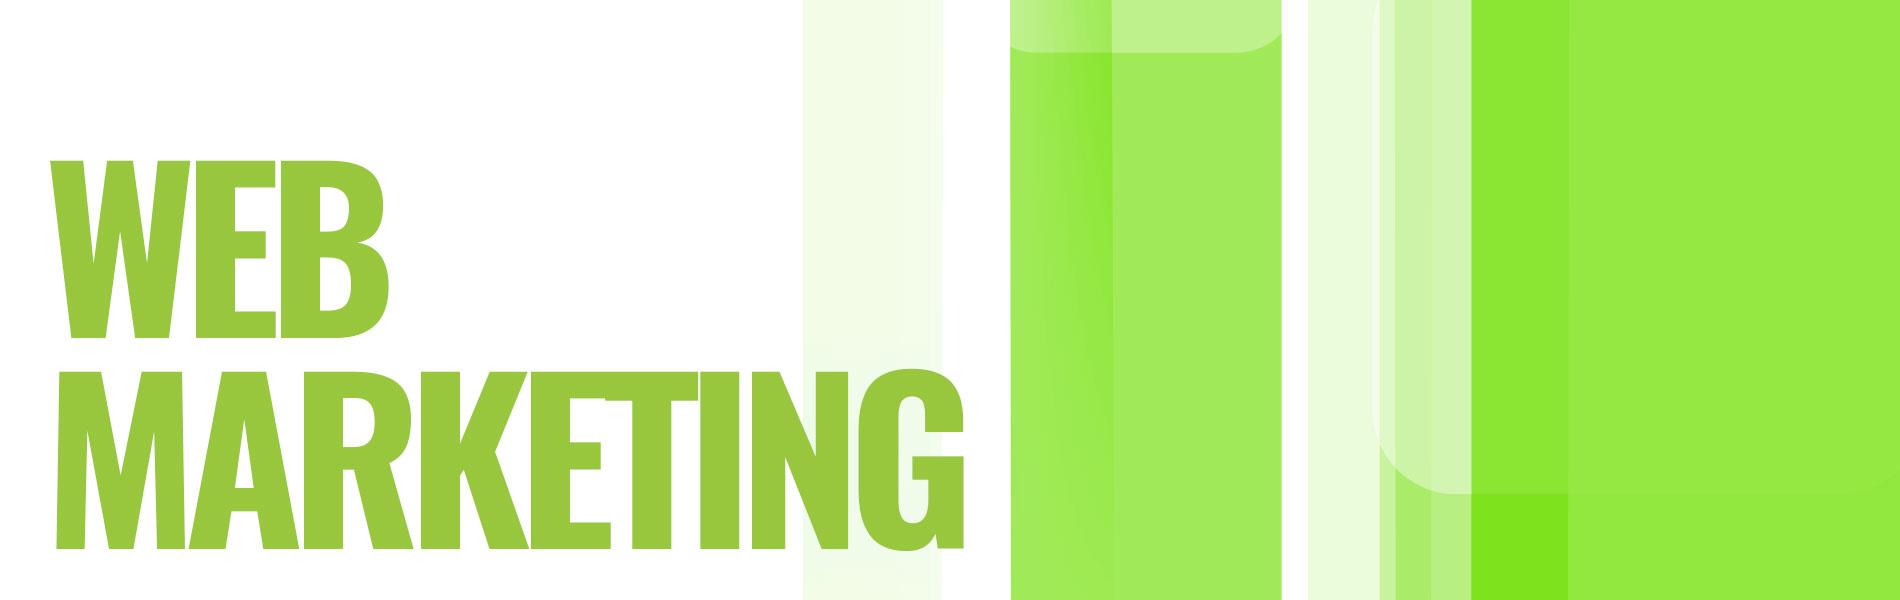 nwm web marketing